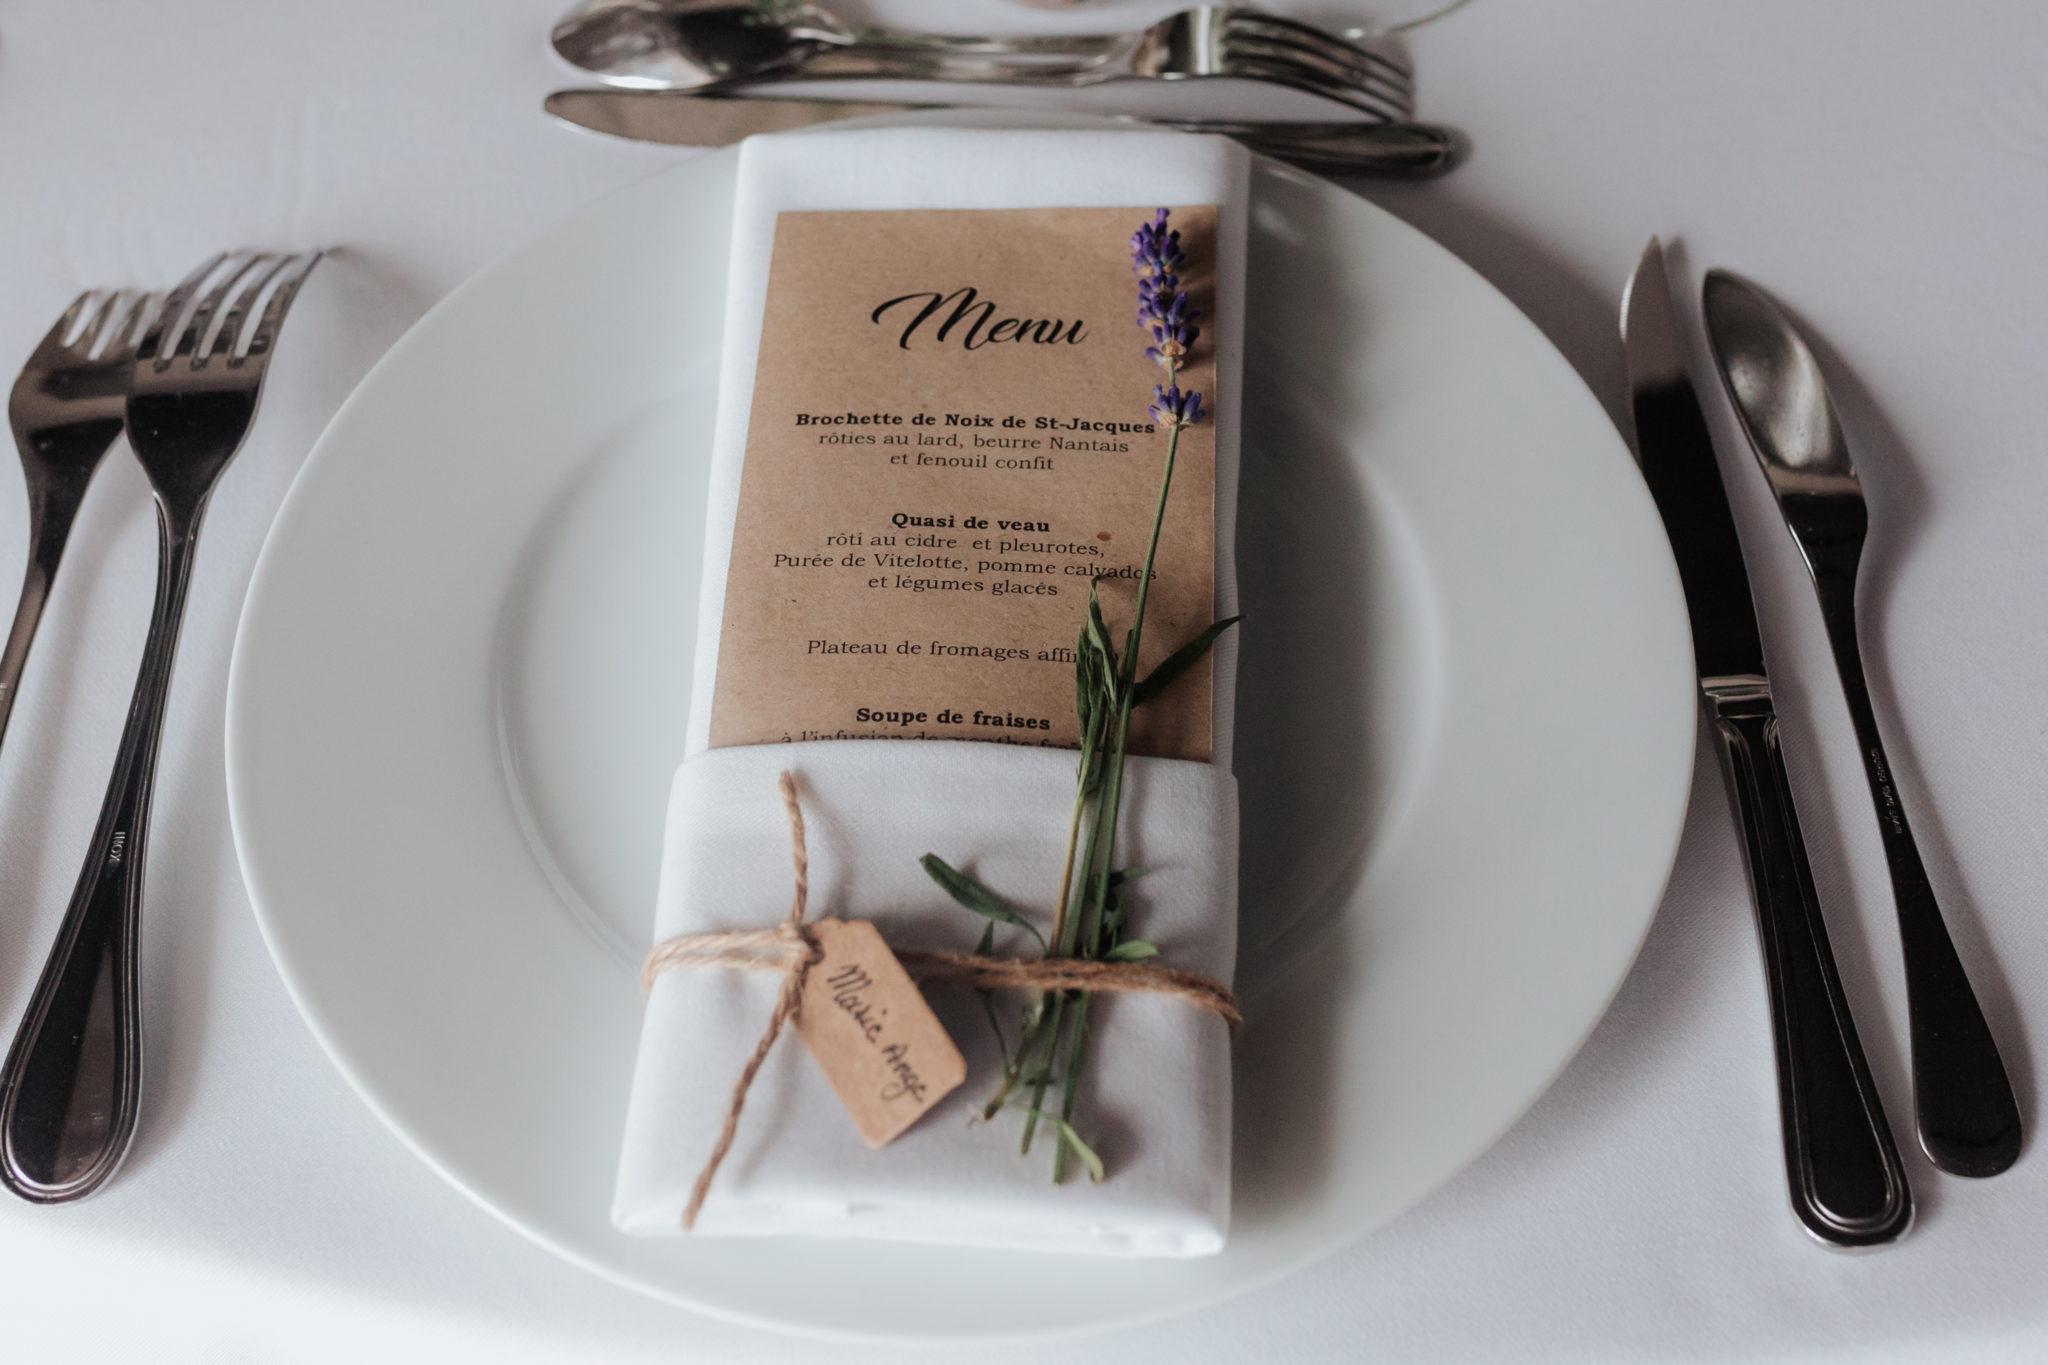 Décoration menu kinfolk botanique Domaine Laumondiere Bagnoles de l'Orne